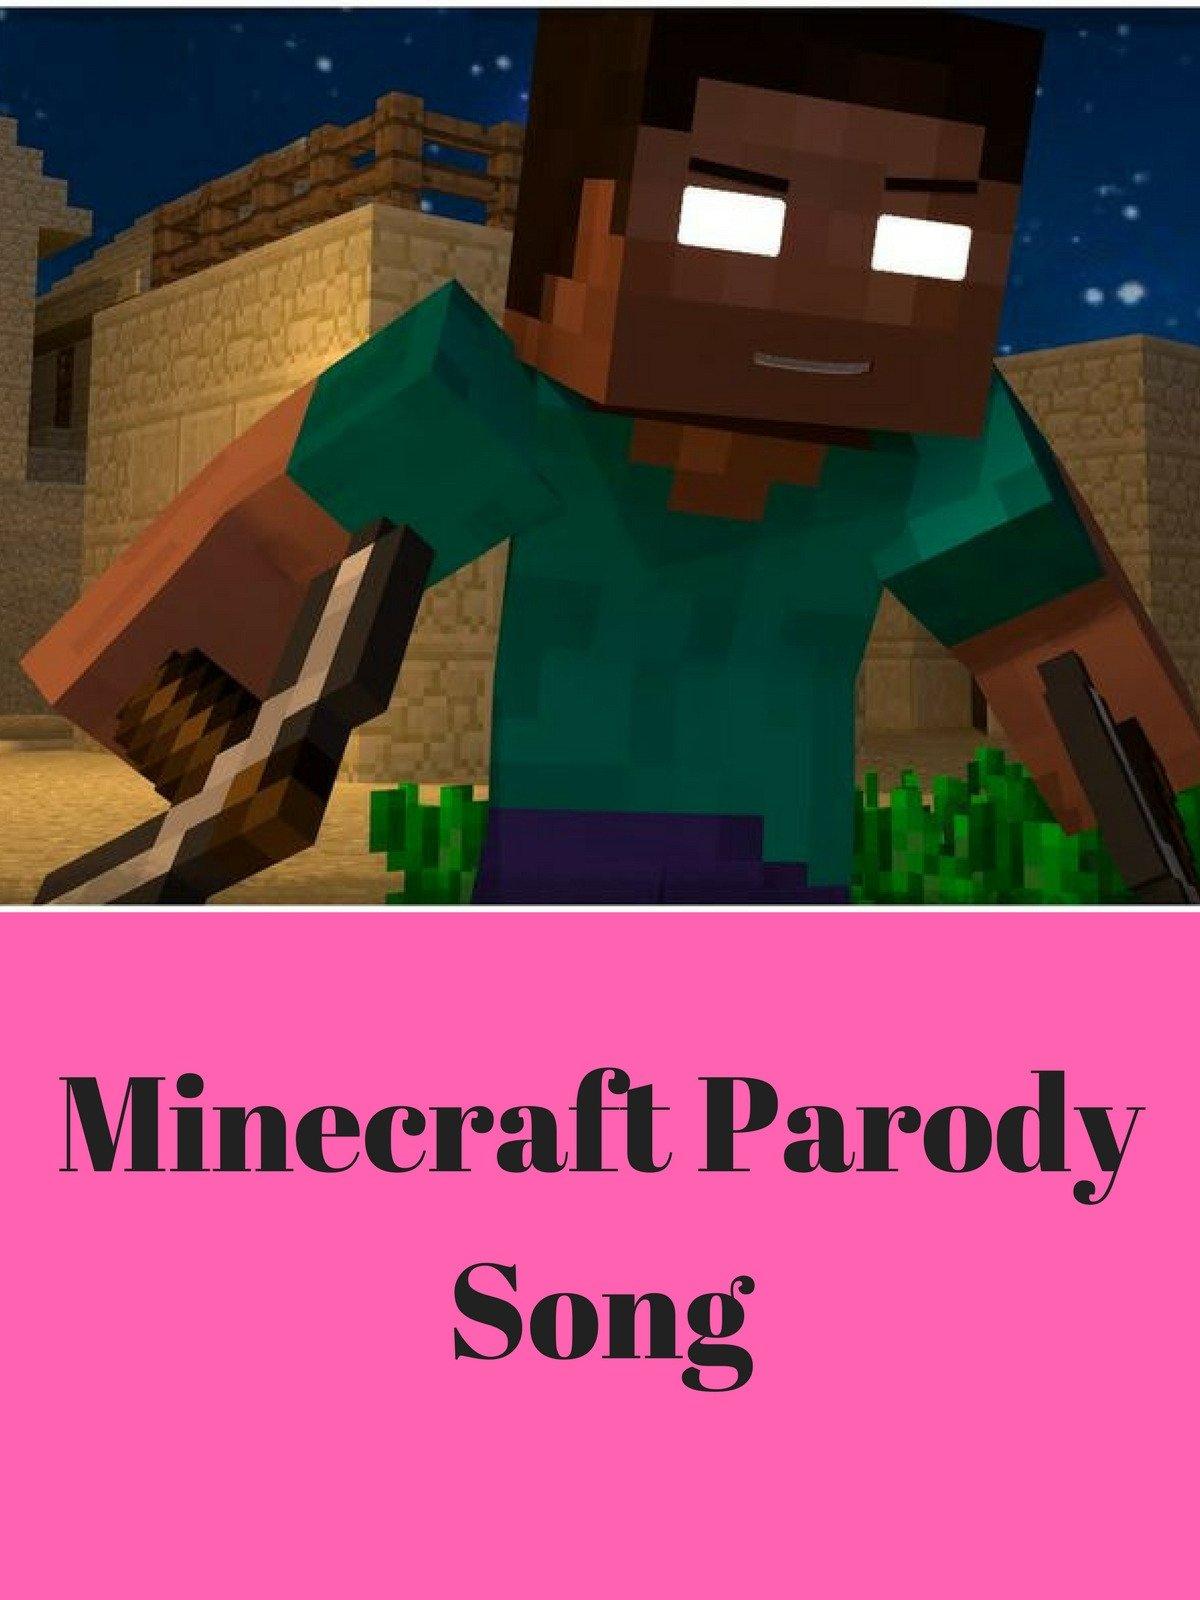 Minecraft Parody Song